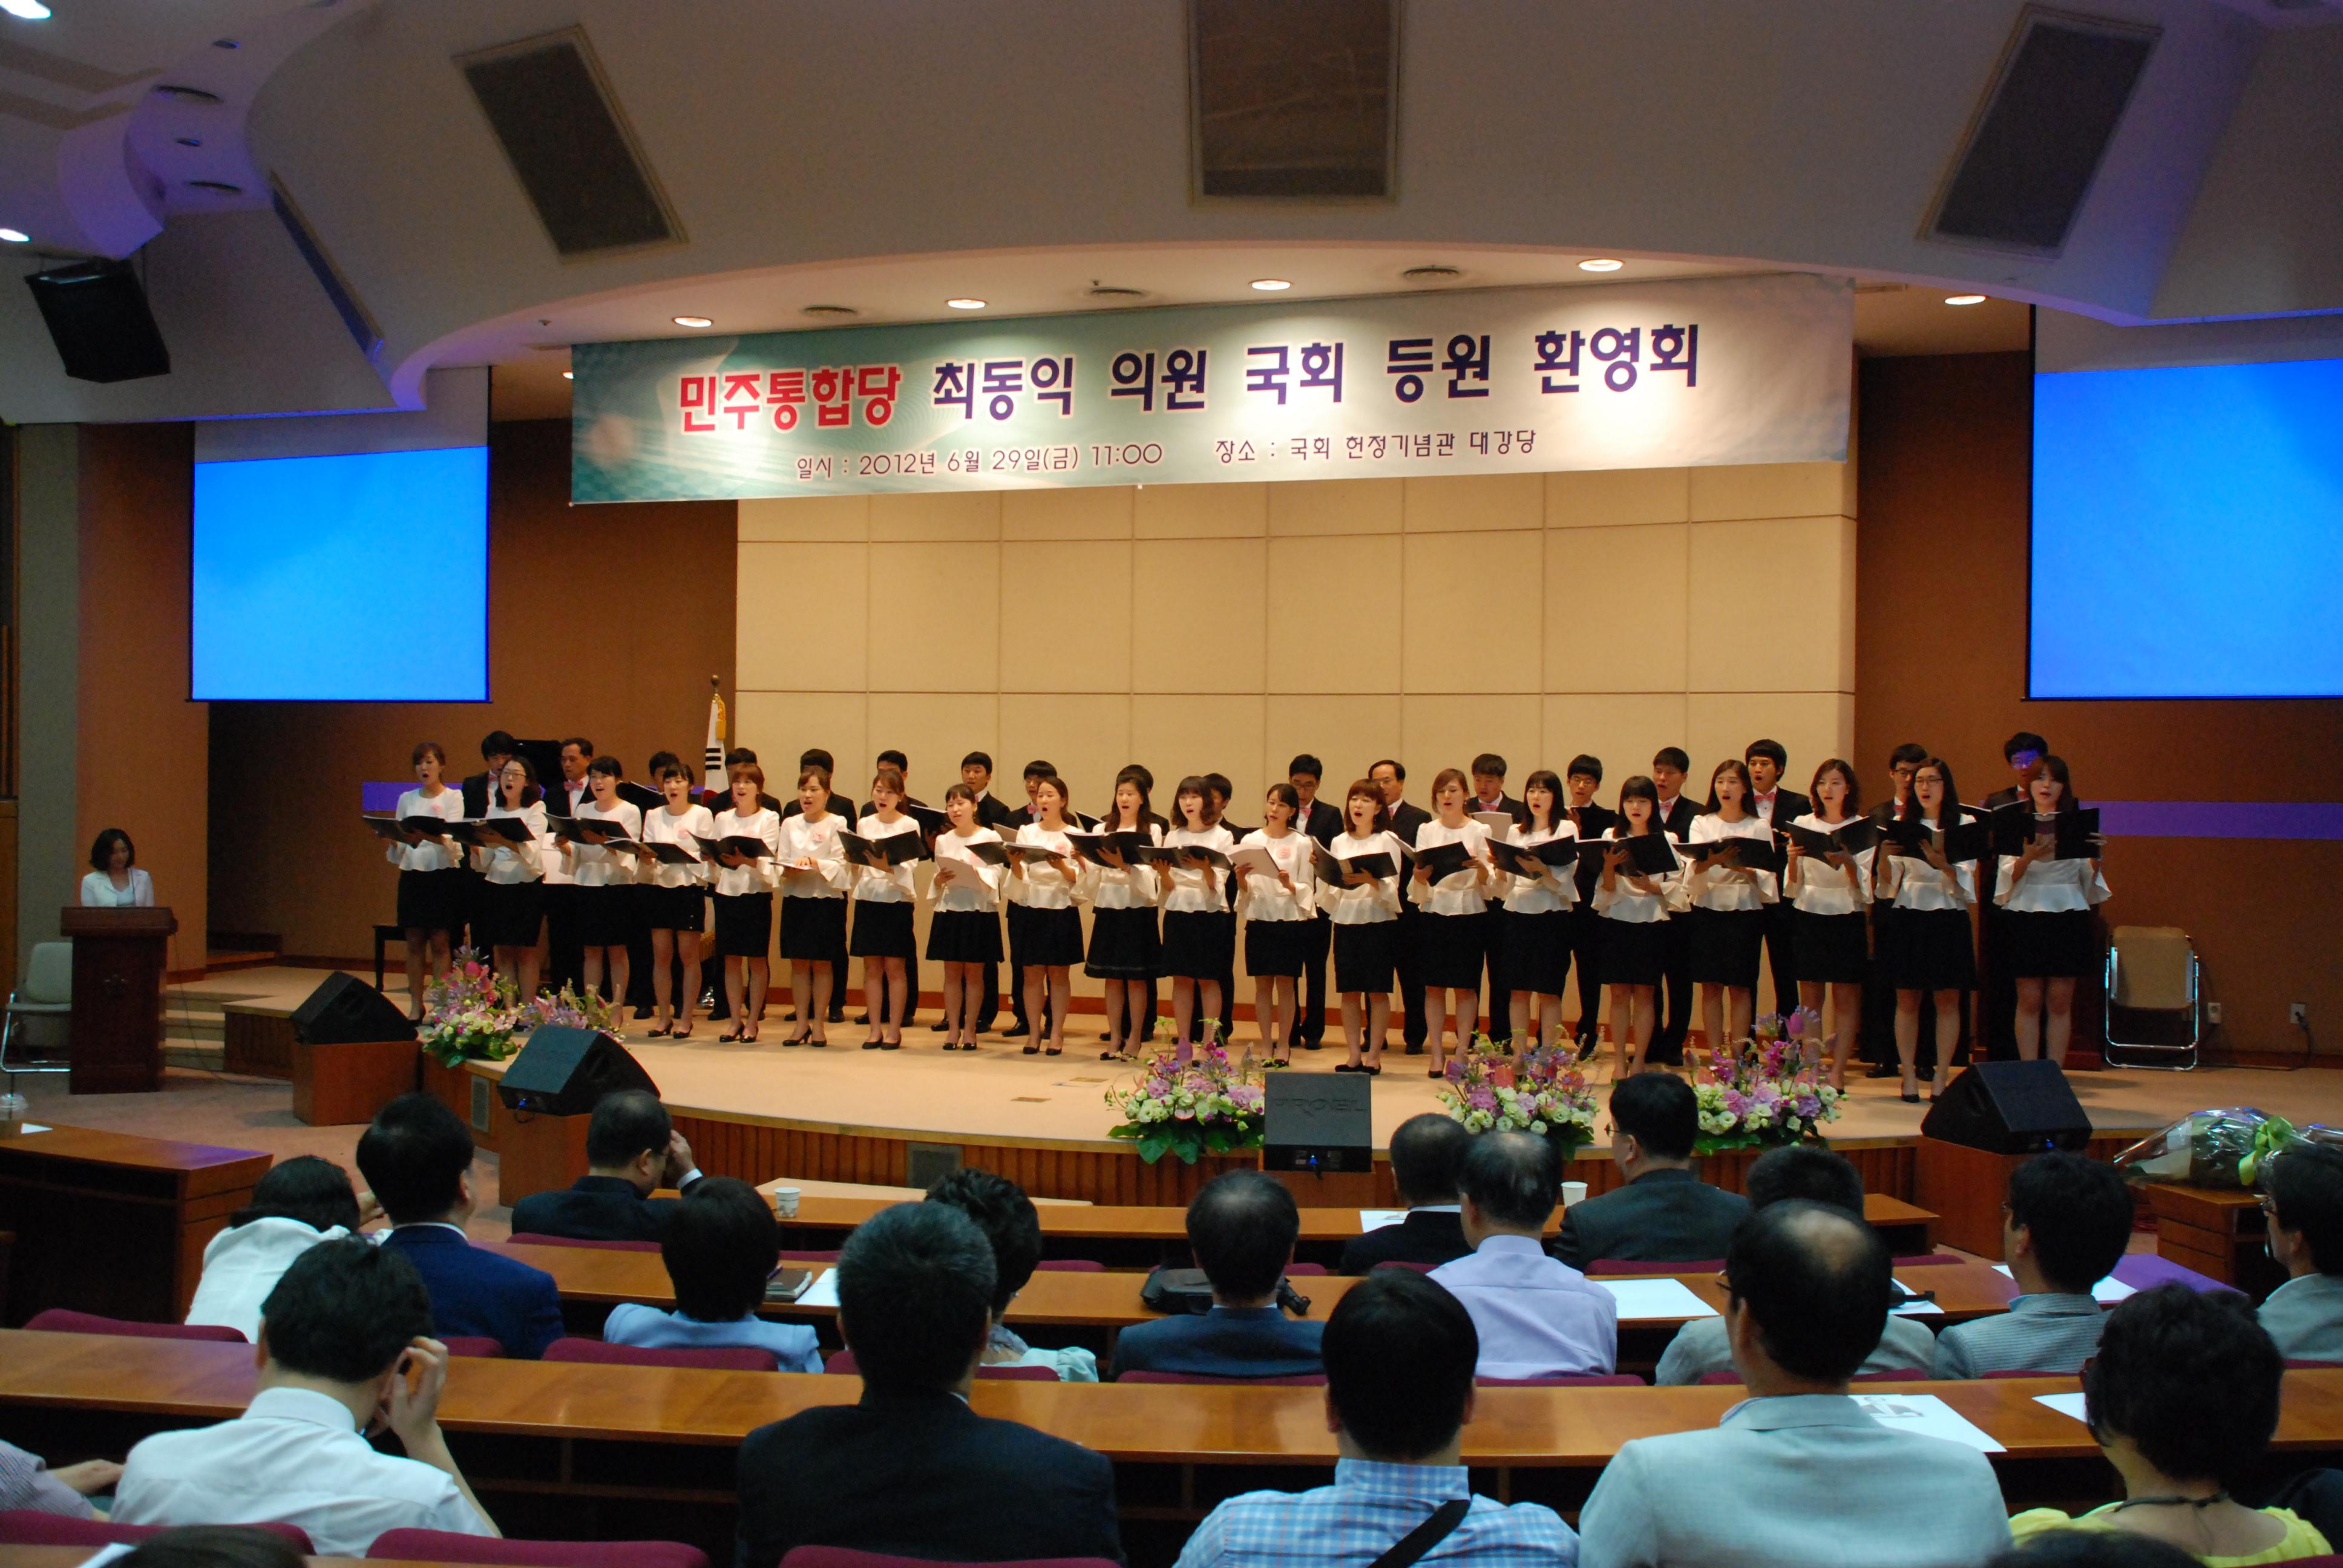 2012년 6월 29일 호산나(국회 헌정기념관) 썸네일